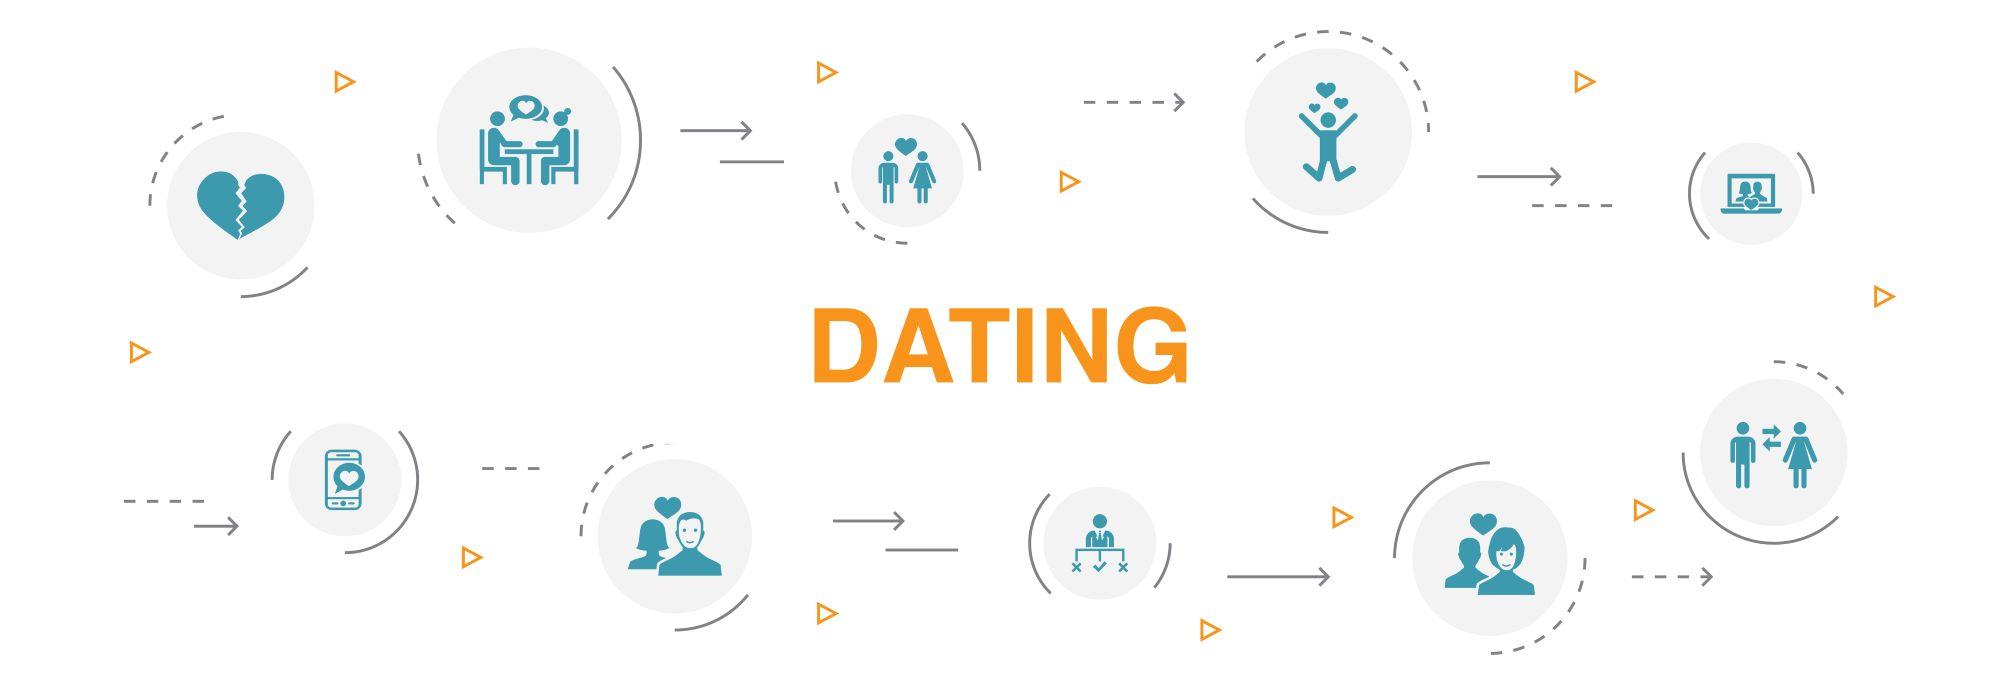 Mehrere abgebildete Symbole für verschiedene Dating-Arten